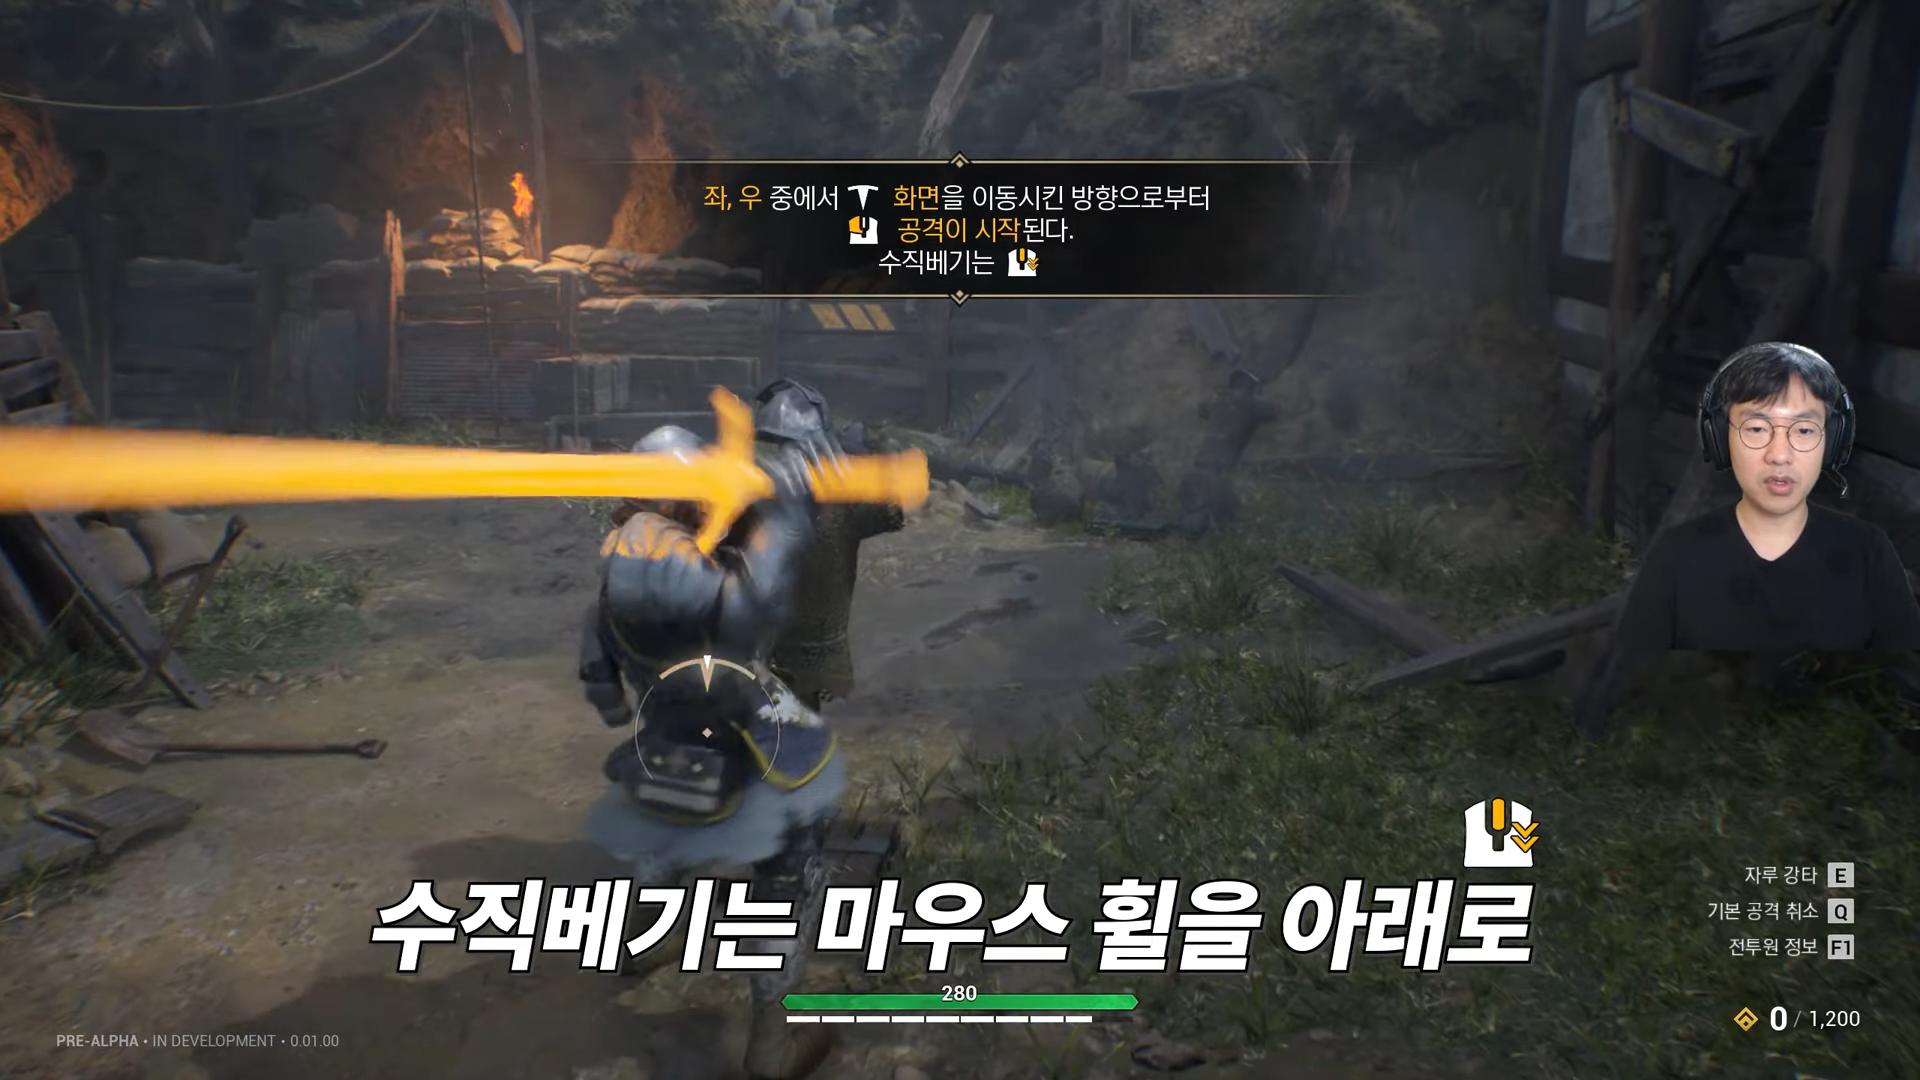 [프로젝트 HP (가제)] 디렉터 플레이 영상 1부 (HP 및 캐릭터 소개) 12-14 screenshot.png